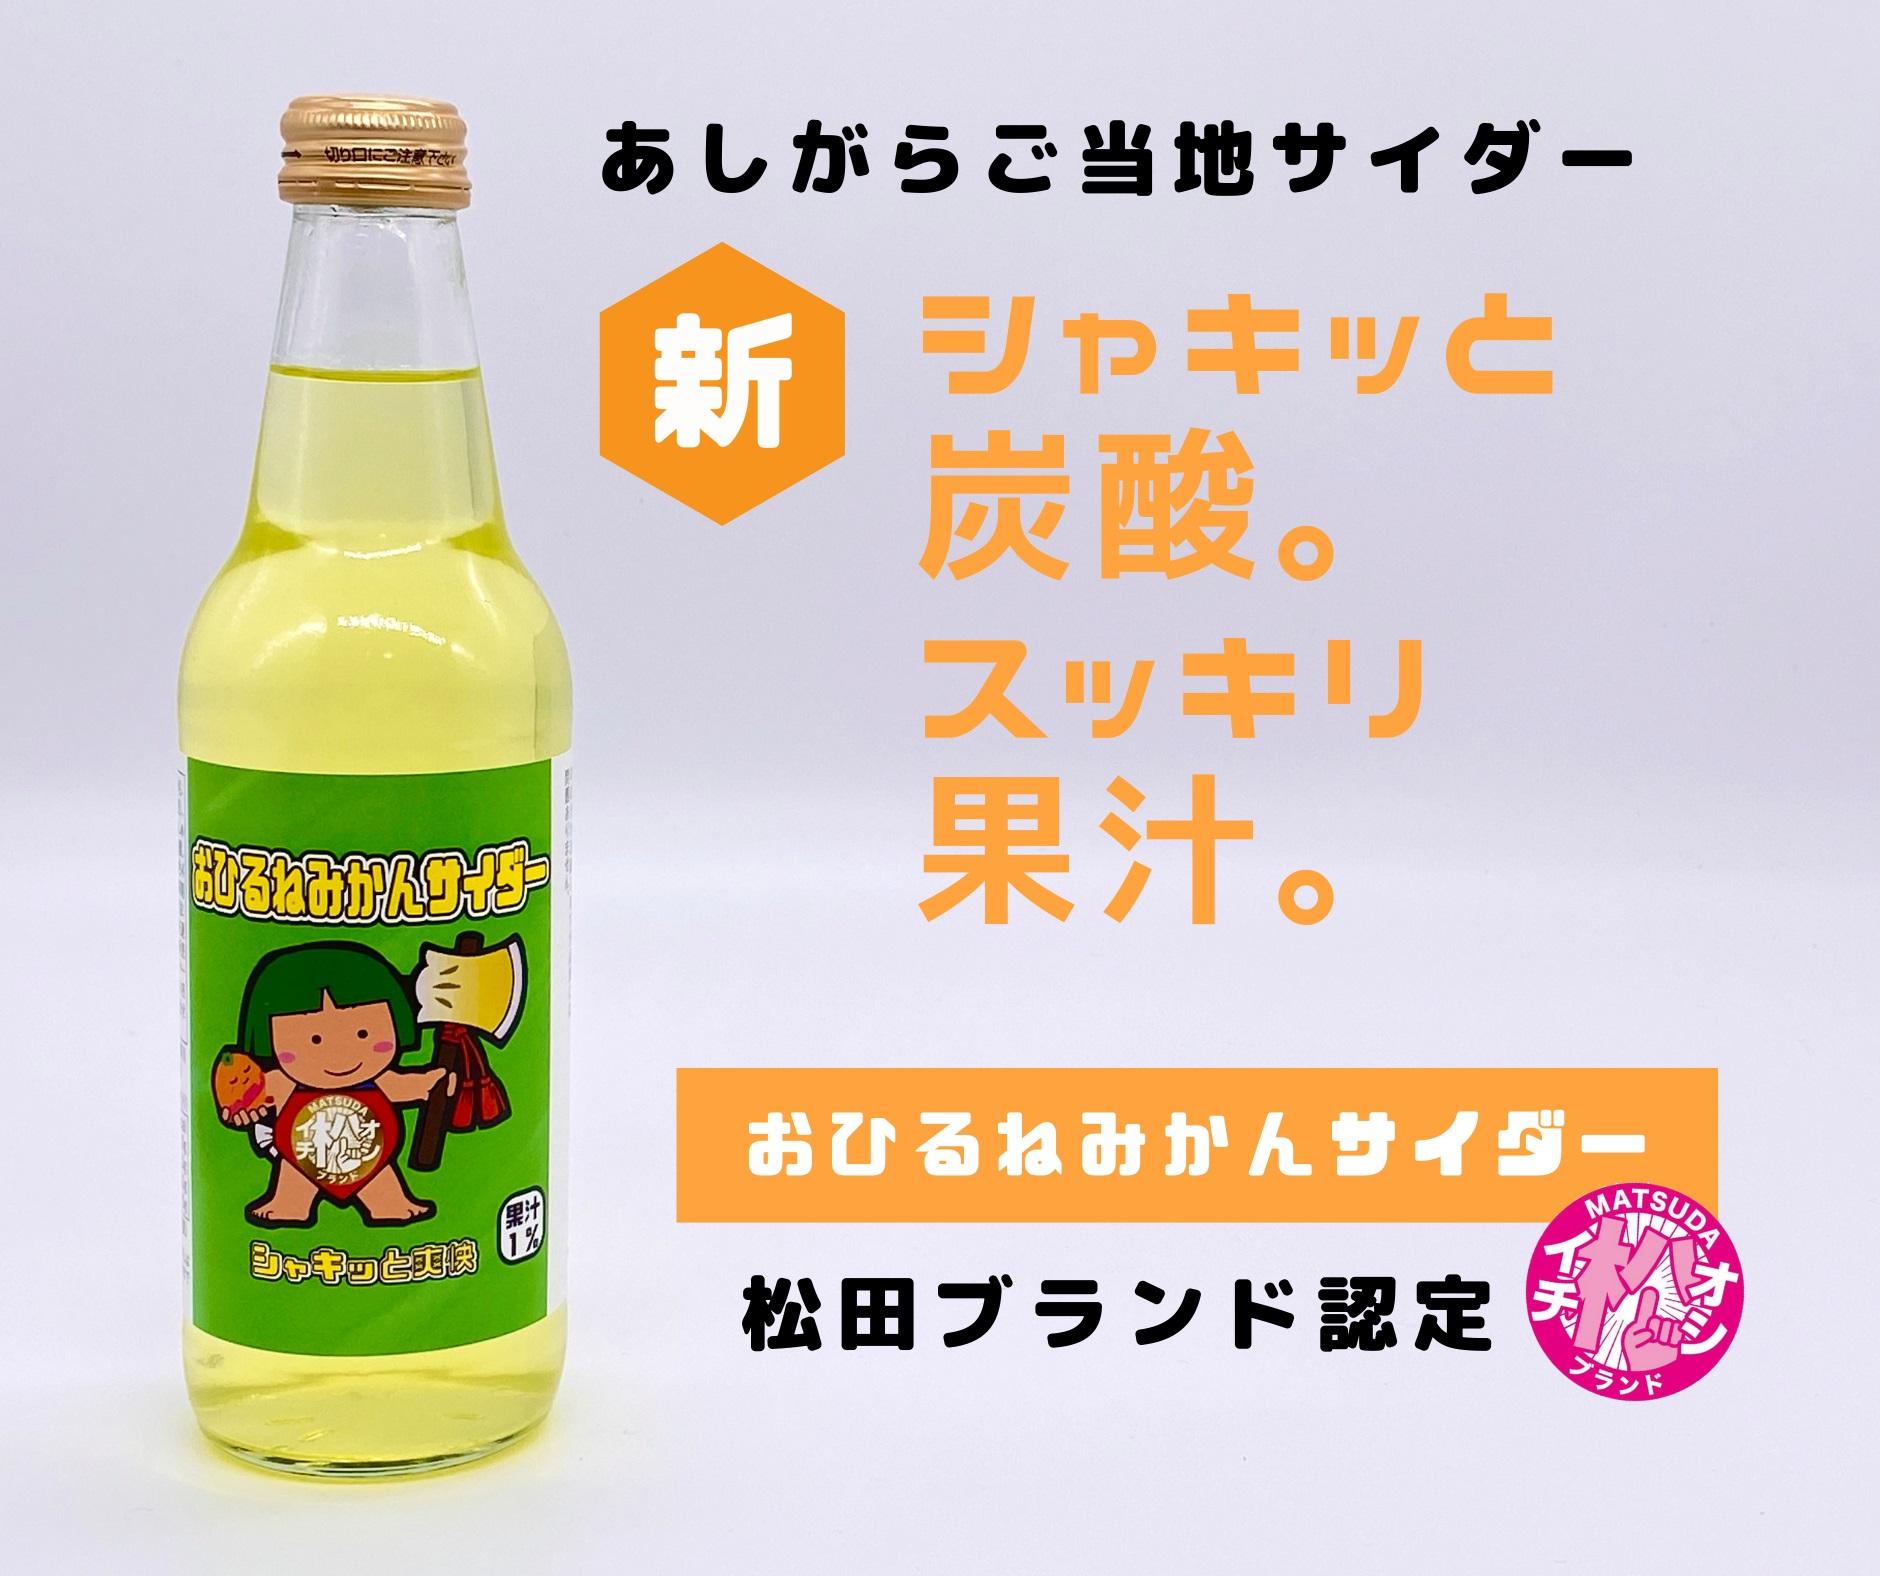 【数量限定】おひるねみかんサイダー340㎖ 24本【フルーツジュース】